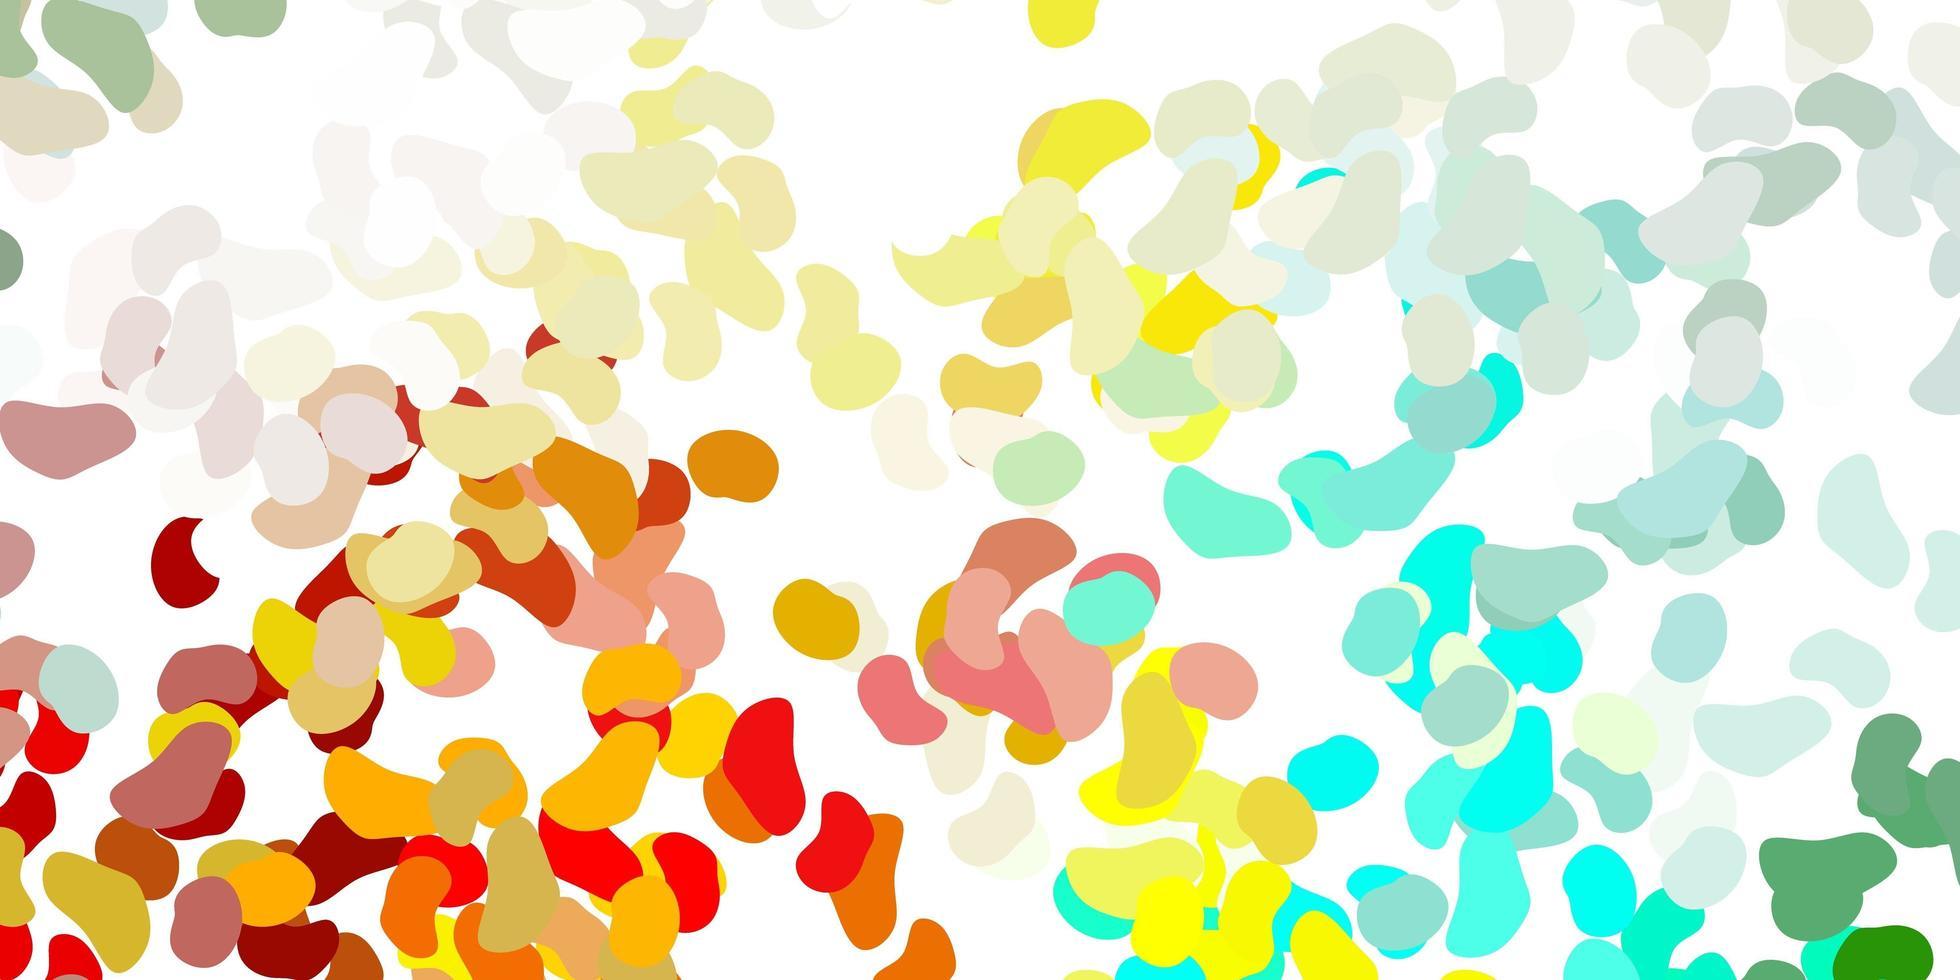 modèle multicolore clair avec des formes abstraites. vecteur